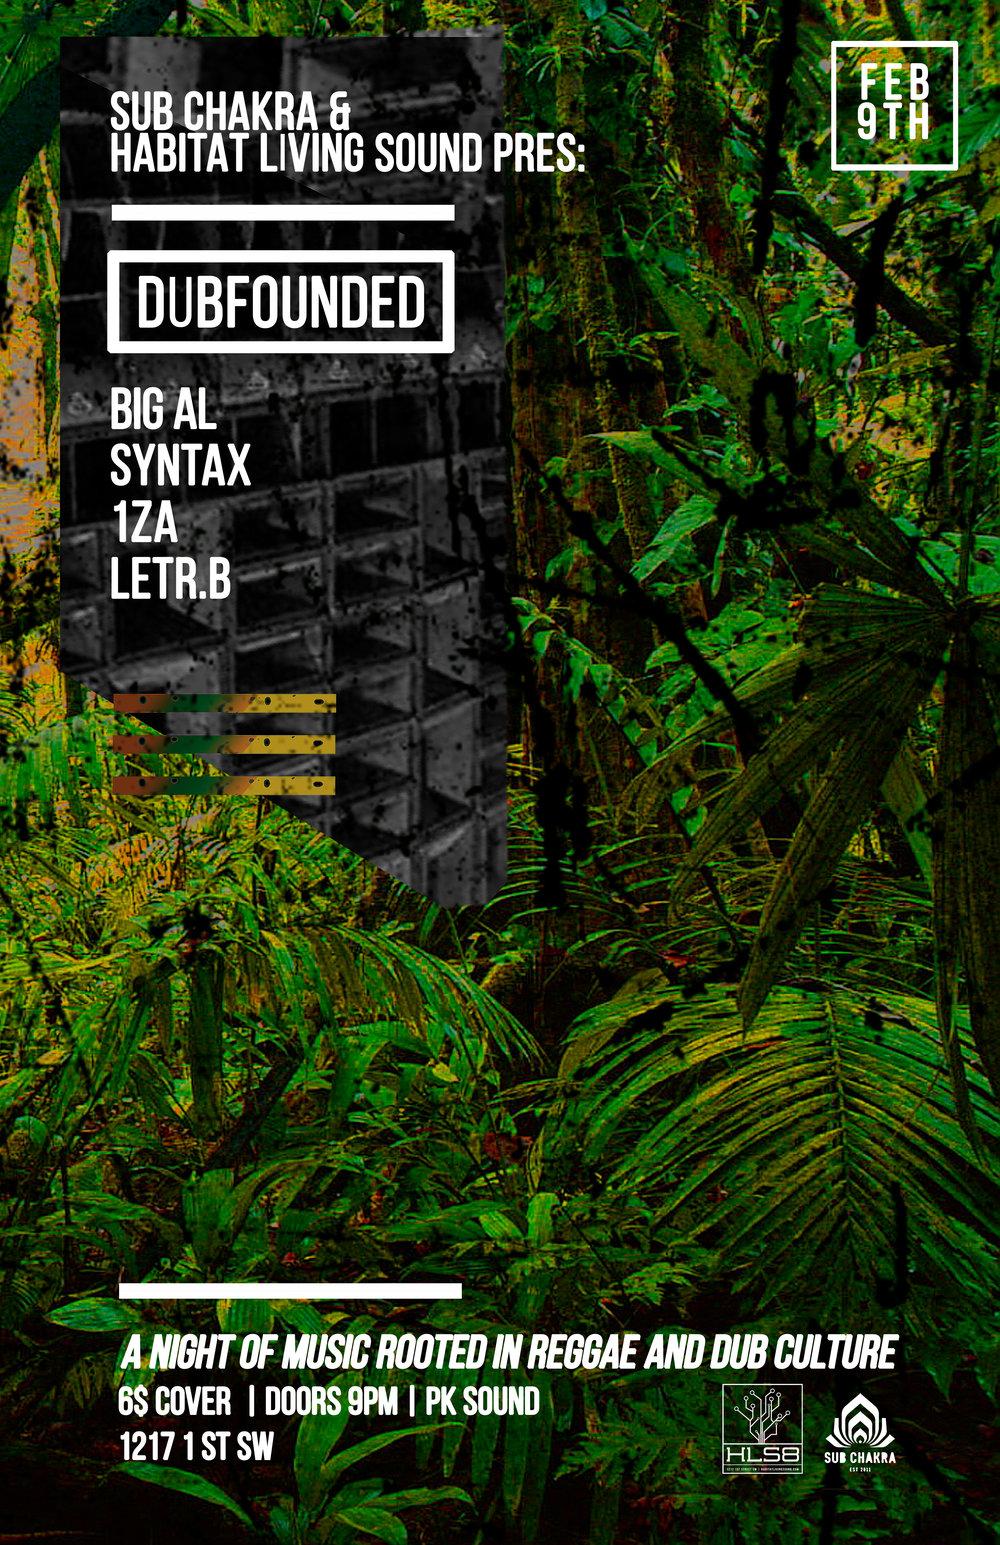 dubfounded-sub-chakra-habitat-living-sound.jpeg